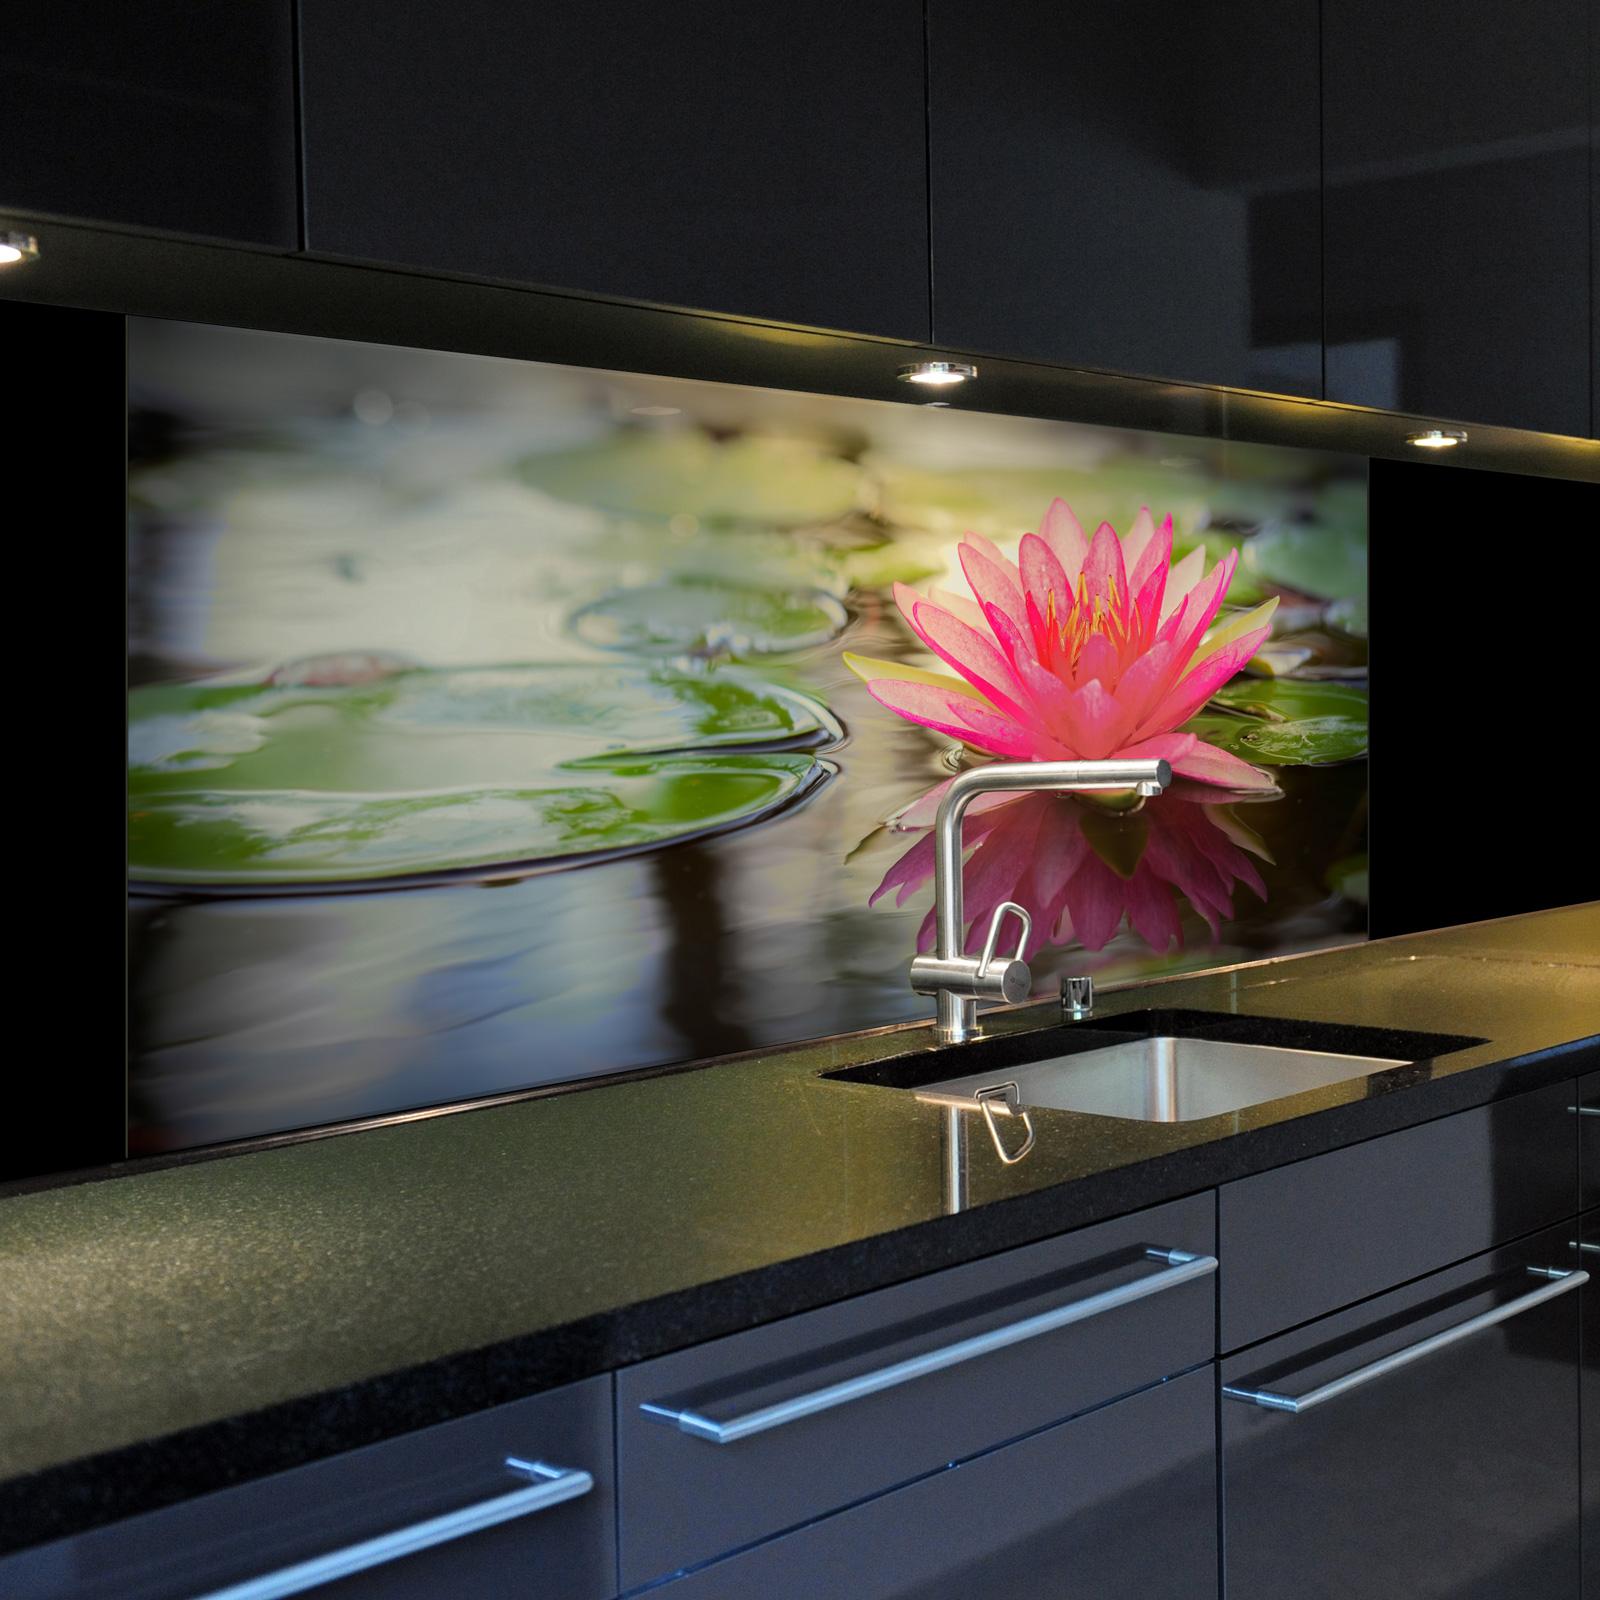 spritzschutzwand aus glas 1023 1 gb motiv seerose 4 f r ihre k che oder als bild ebay. Black Bedroom Furniture Sets. Home Design Ideas